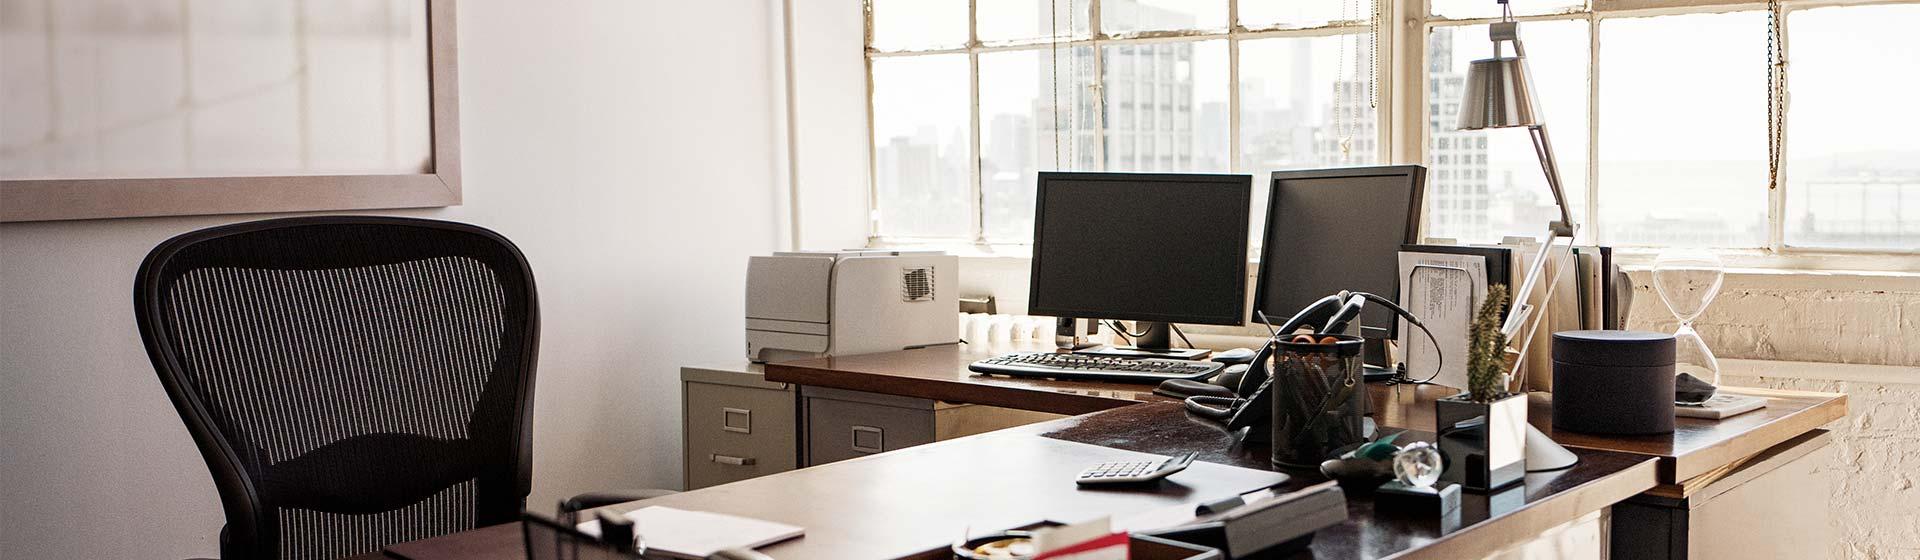 vorg ngerversionen von microsoft office. Black Bedroom Furniture Sets. Home Design Ideas